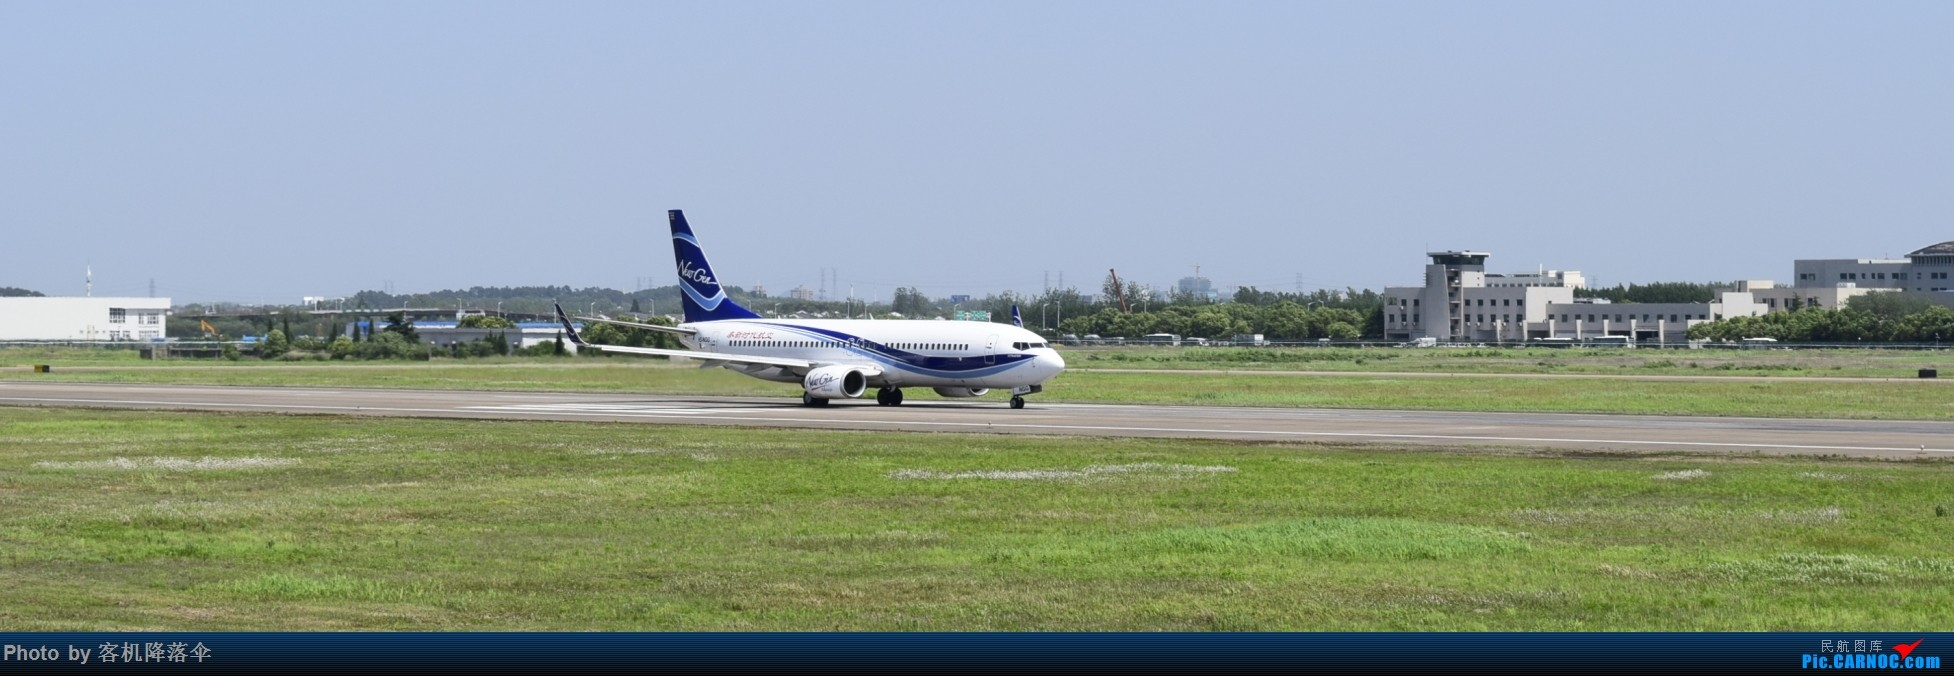 Re:泰国冲击波-泰国新时代航空